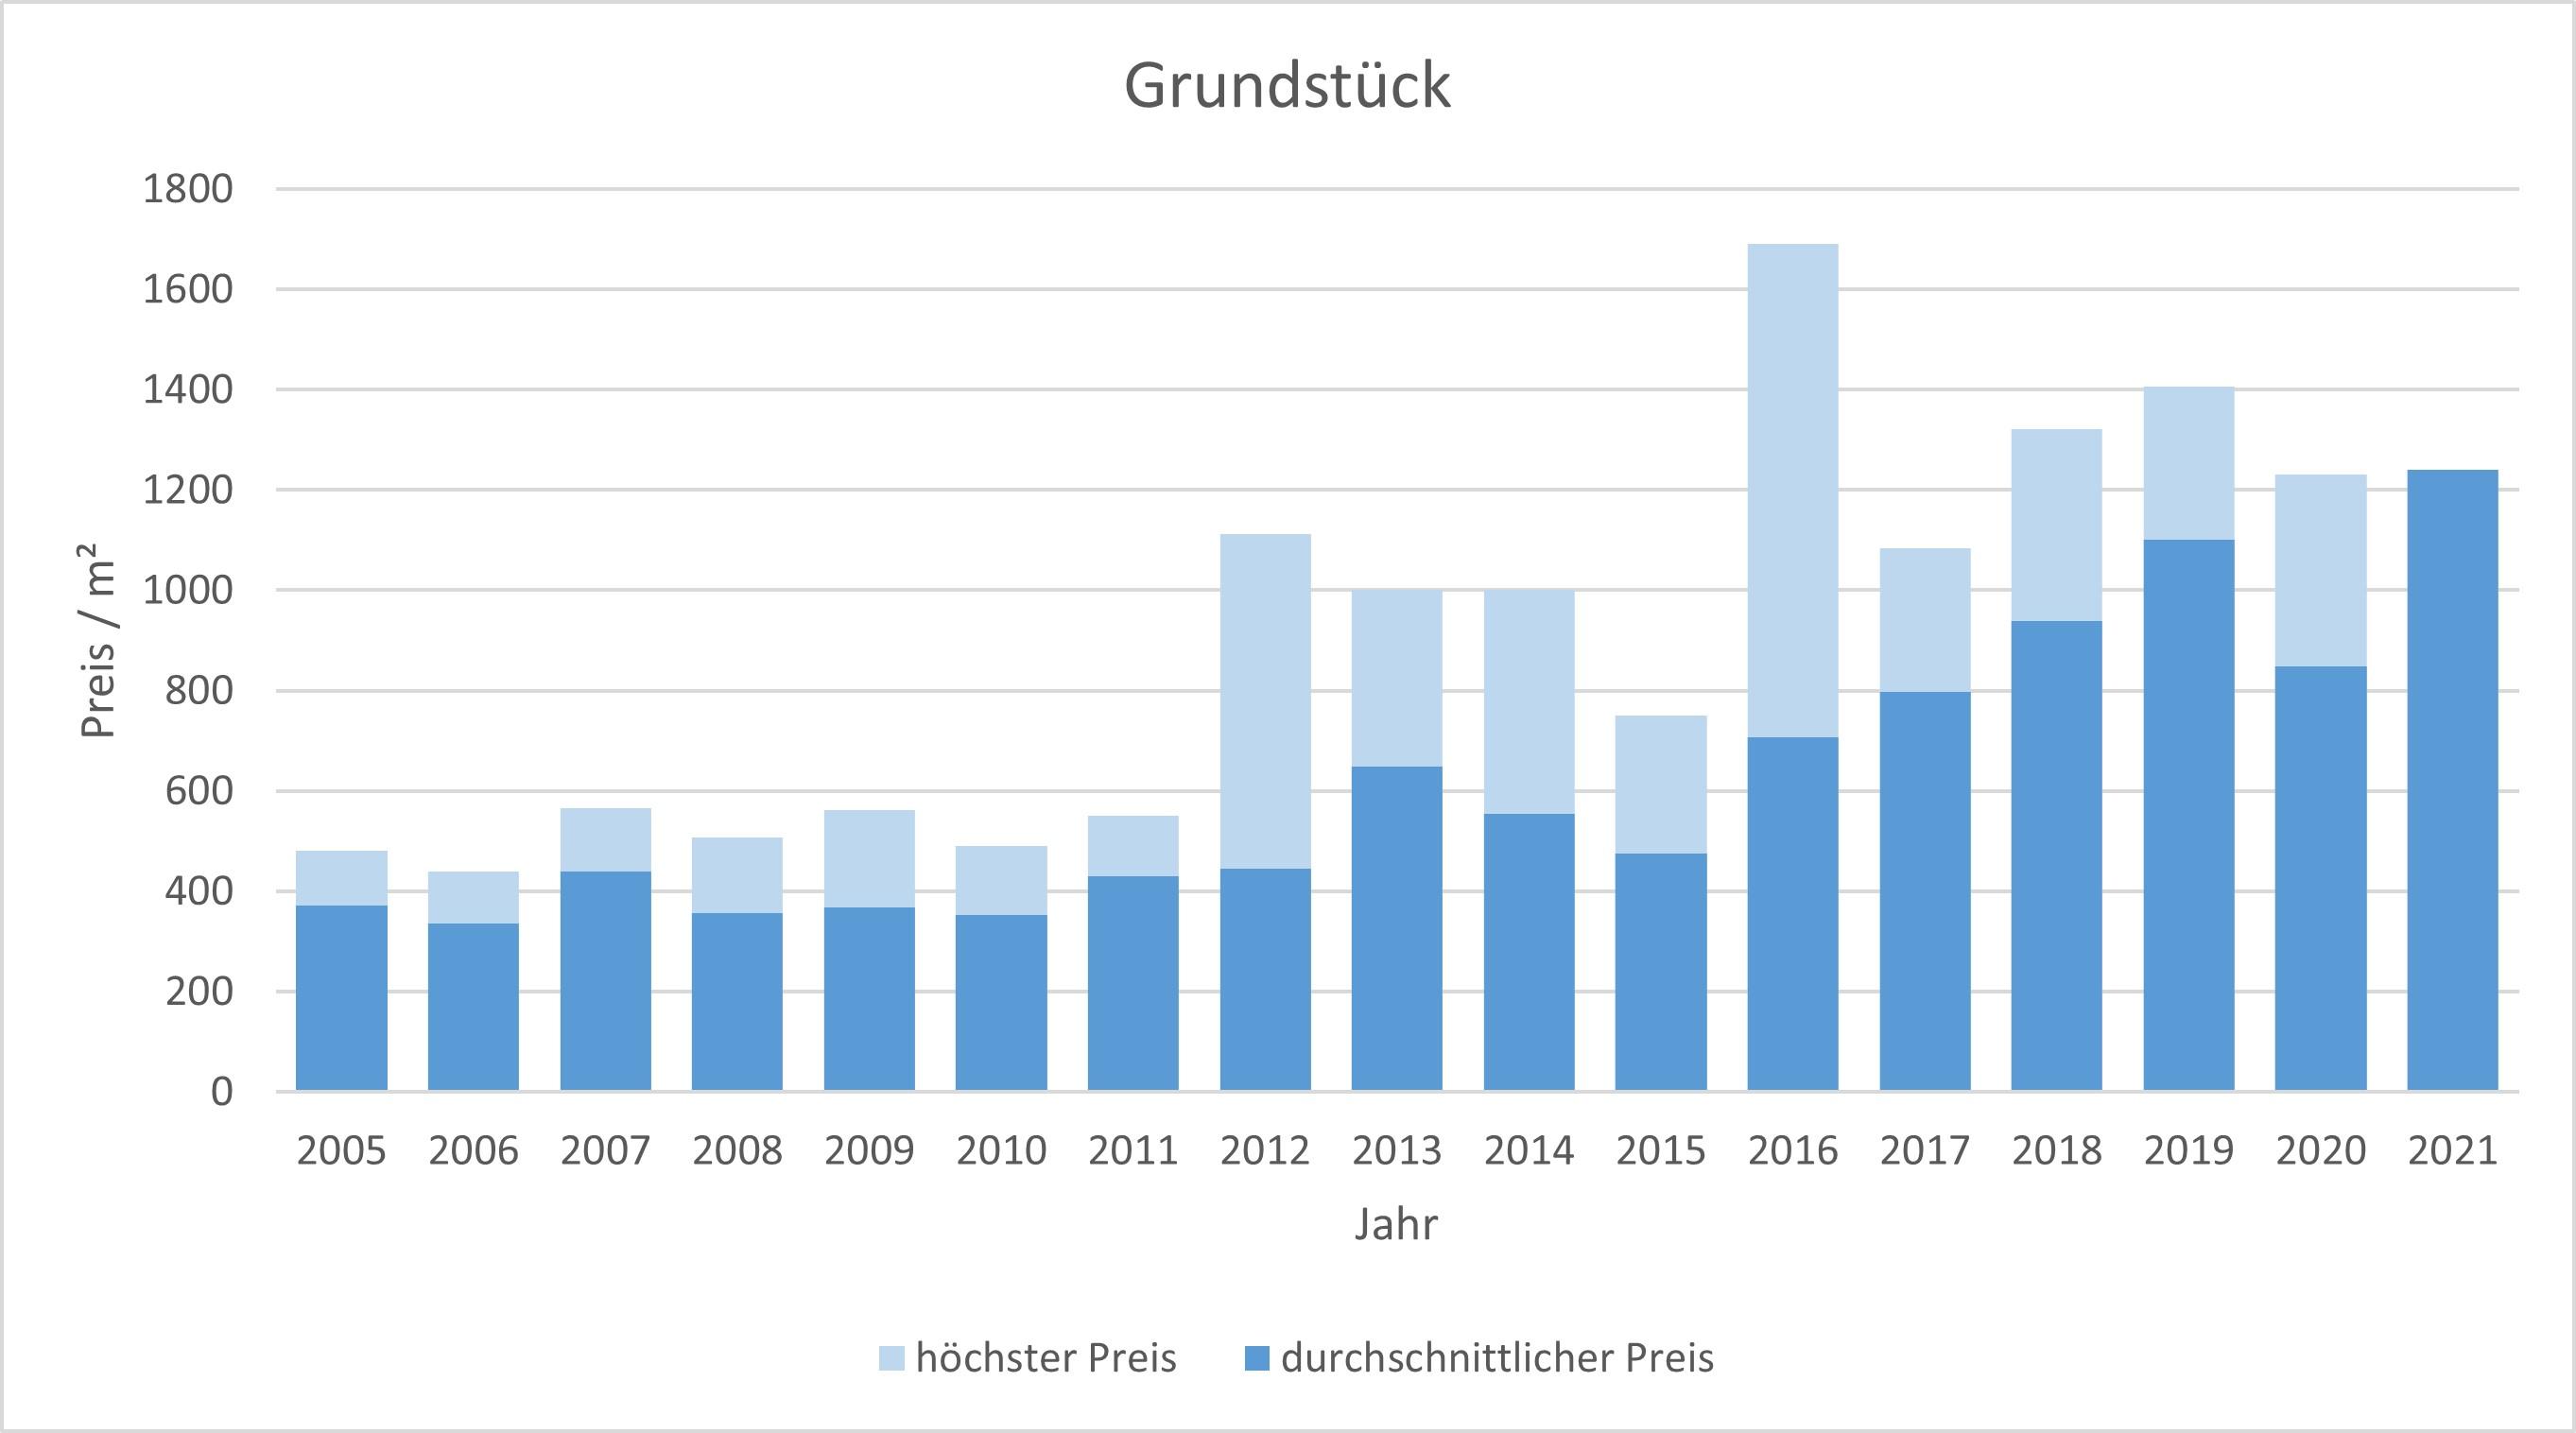 Aying Makler Grundstück Kaufen Verkaufen Preis Bewertung 2019, 2020, 2021